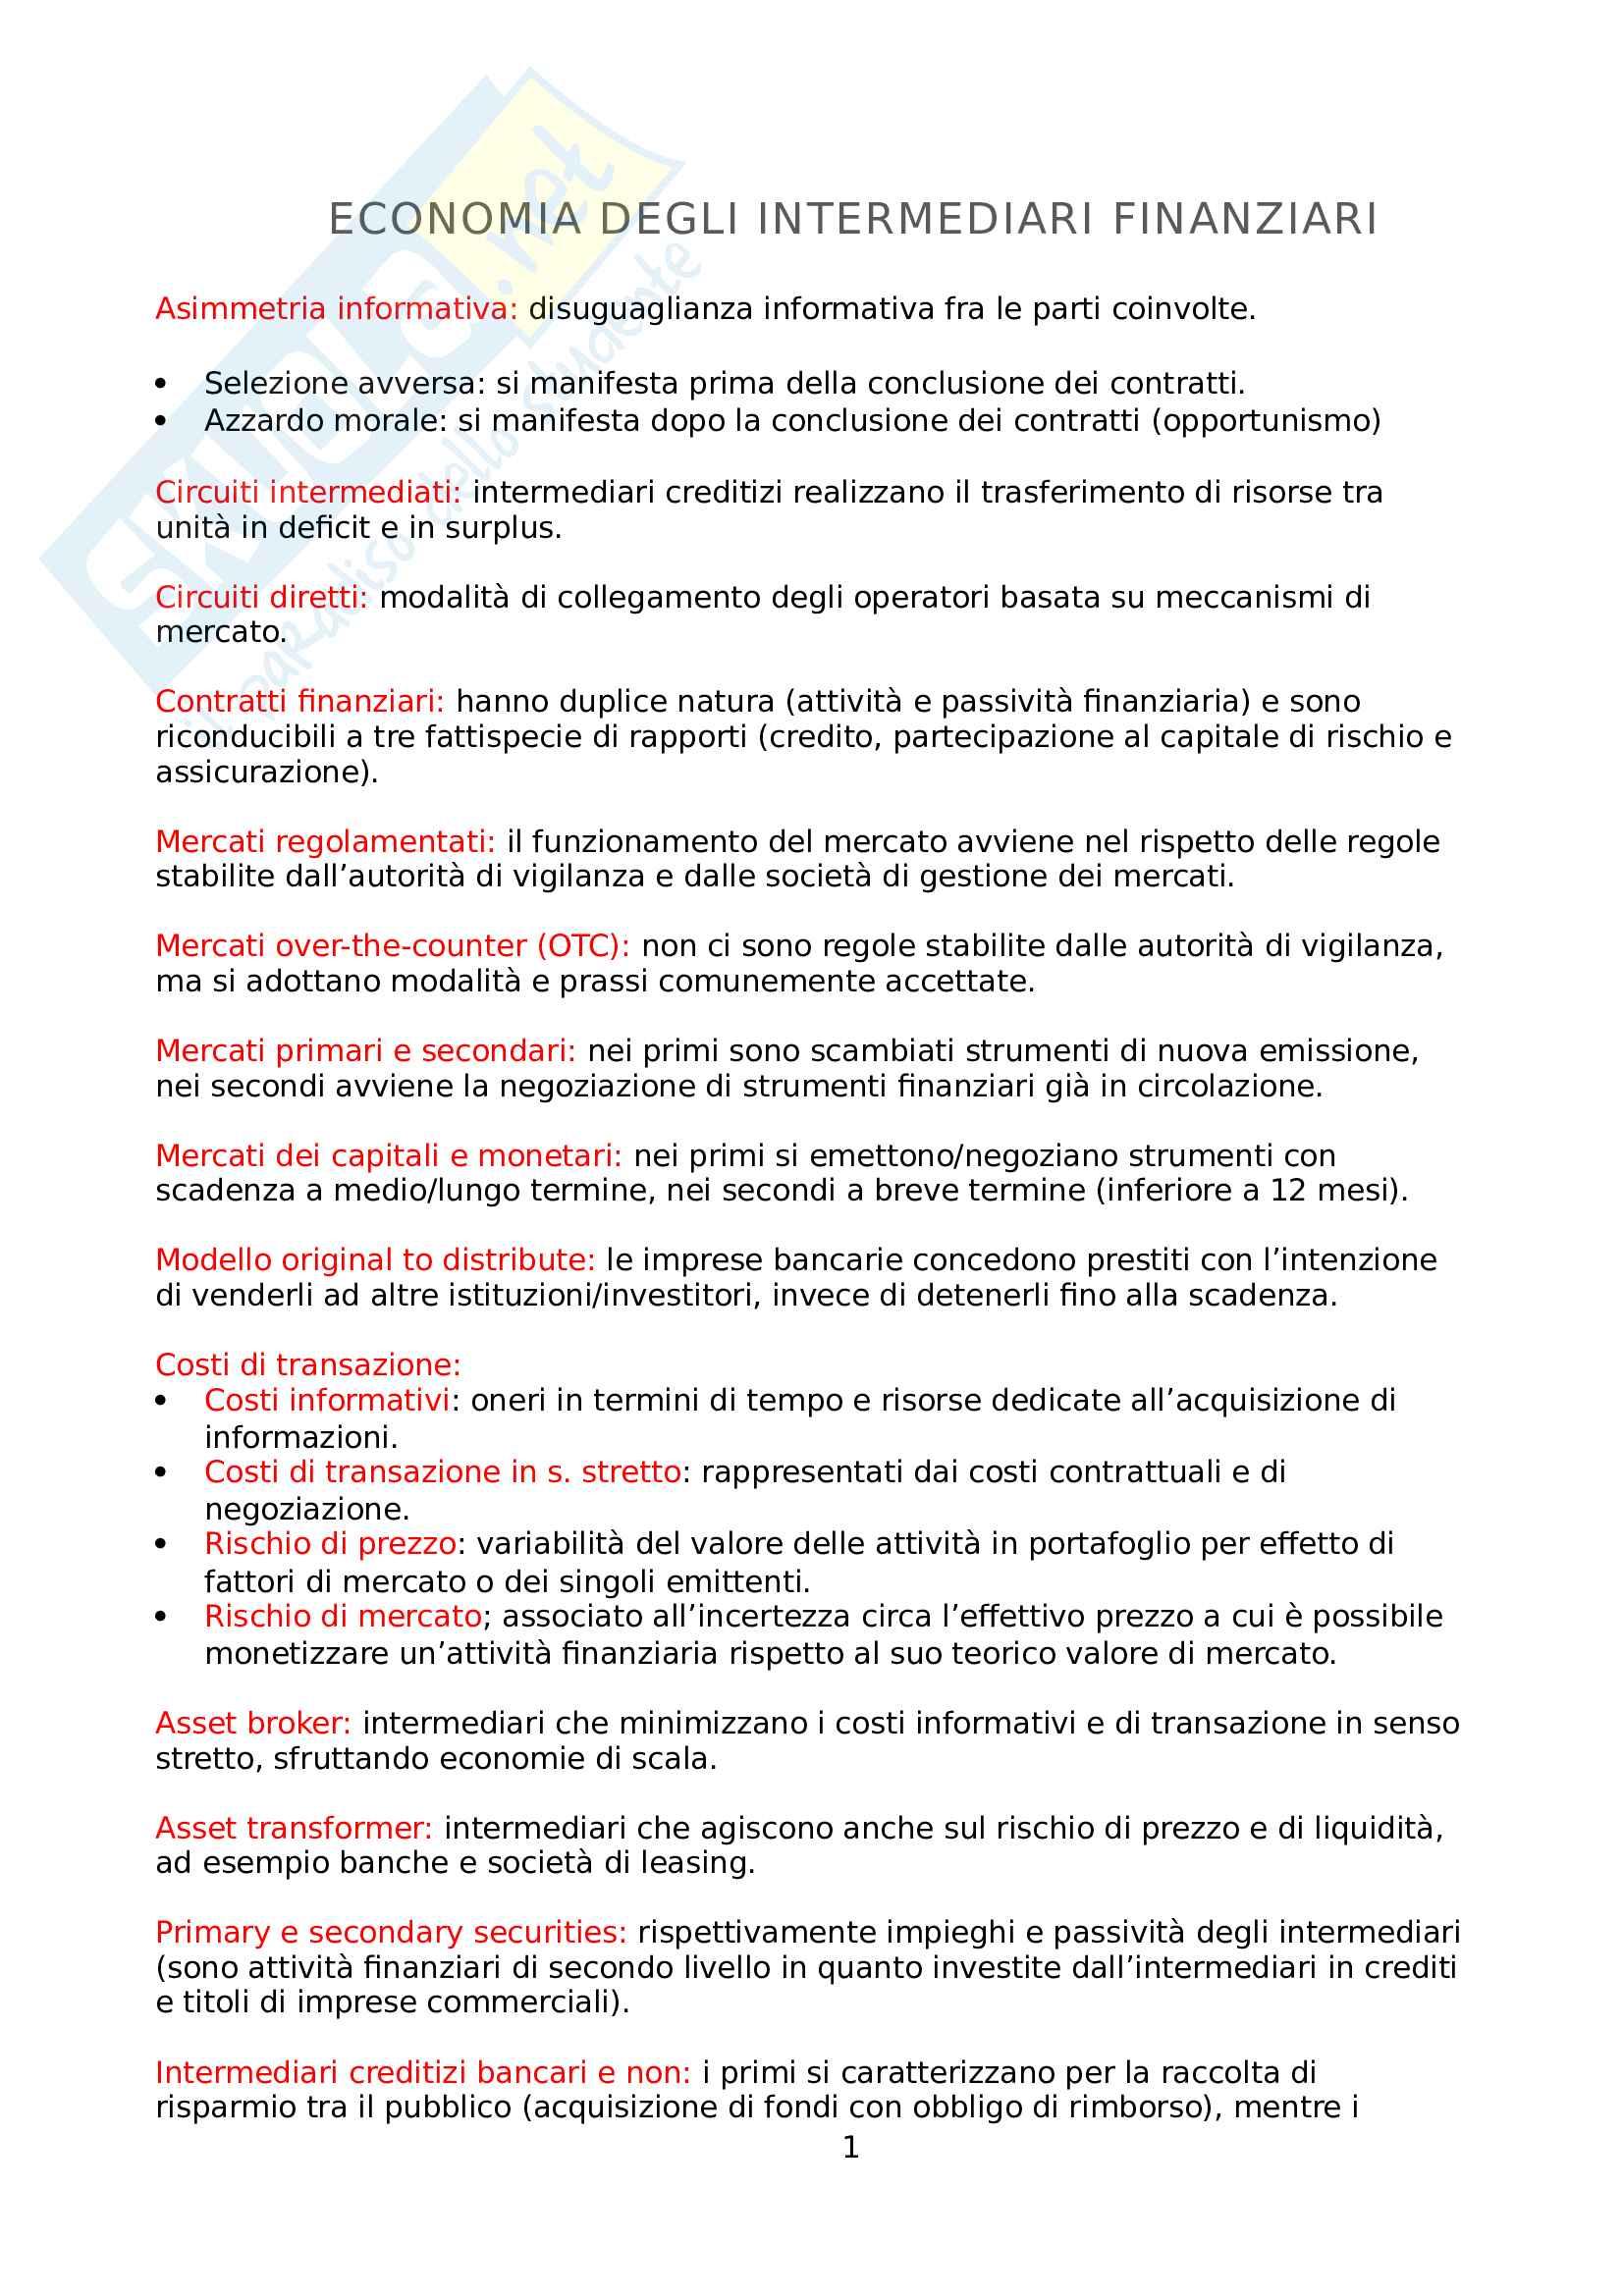 Riassunti/Appunti di Economia degli intermediari finanziari